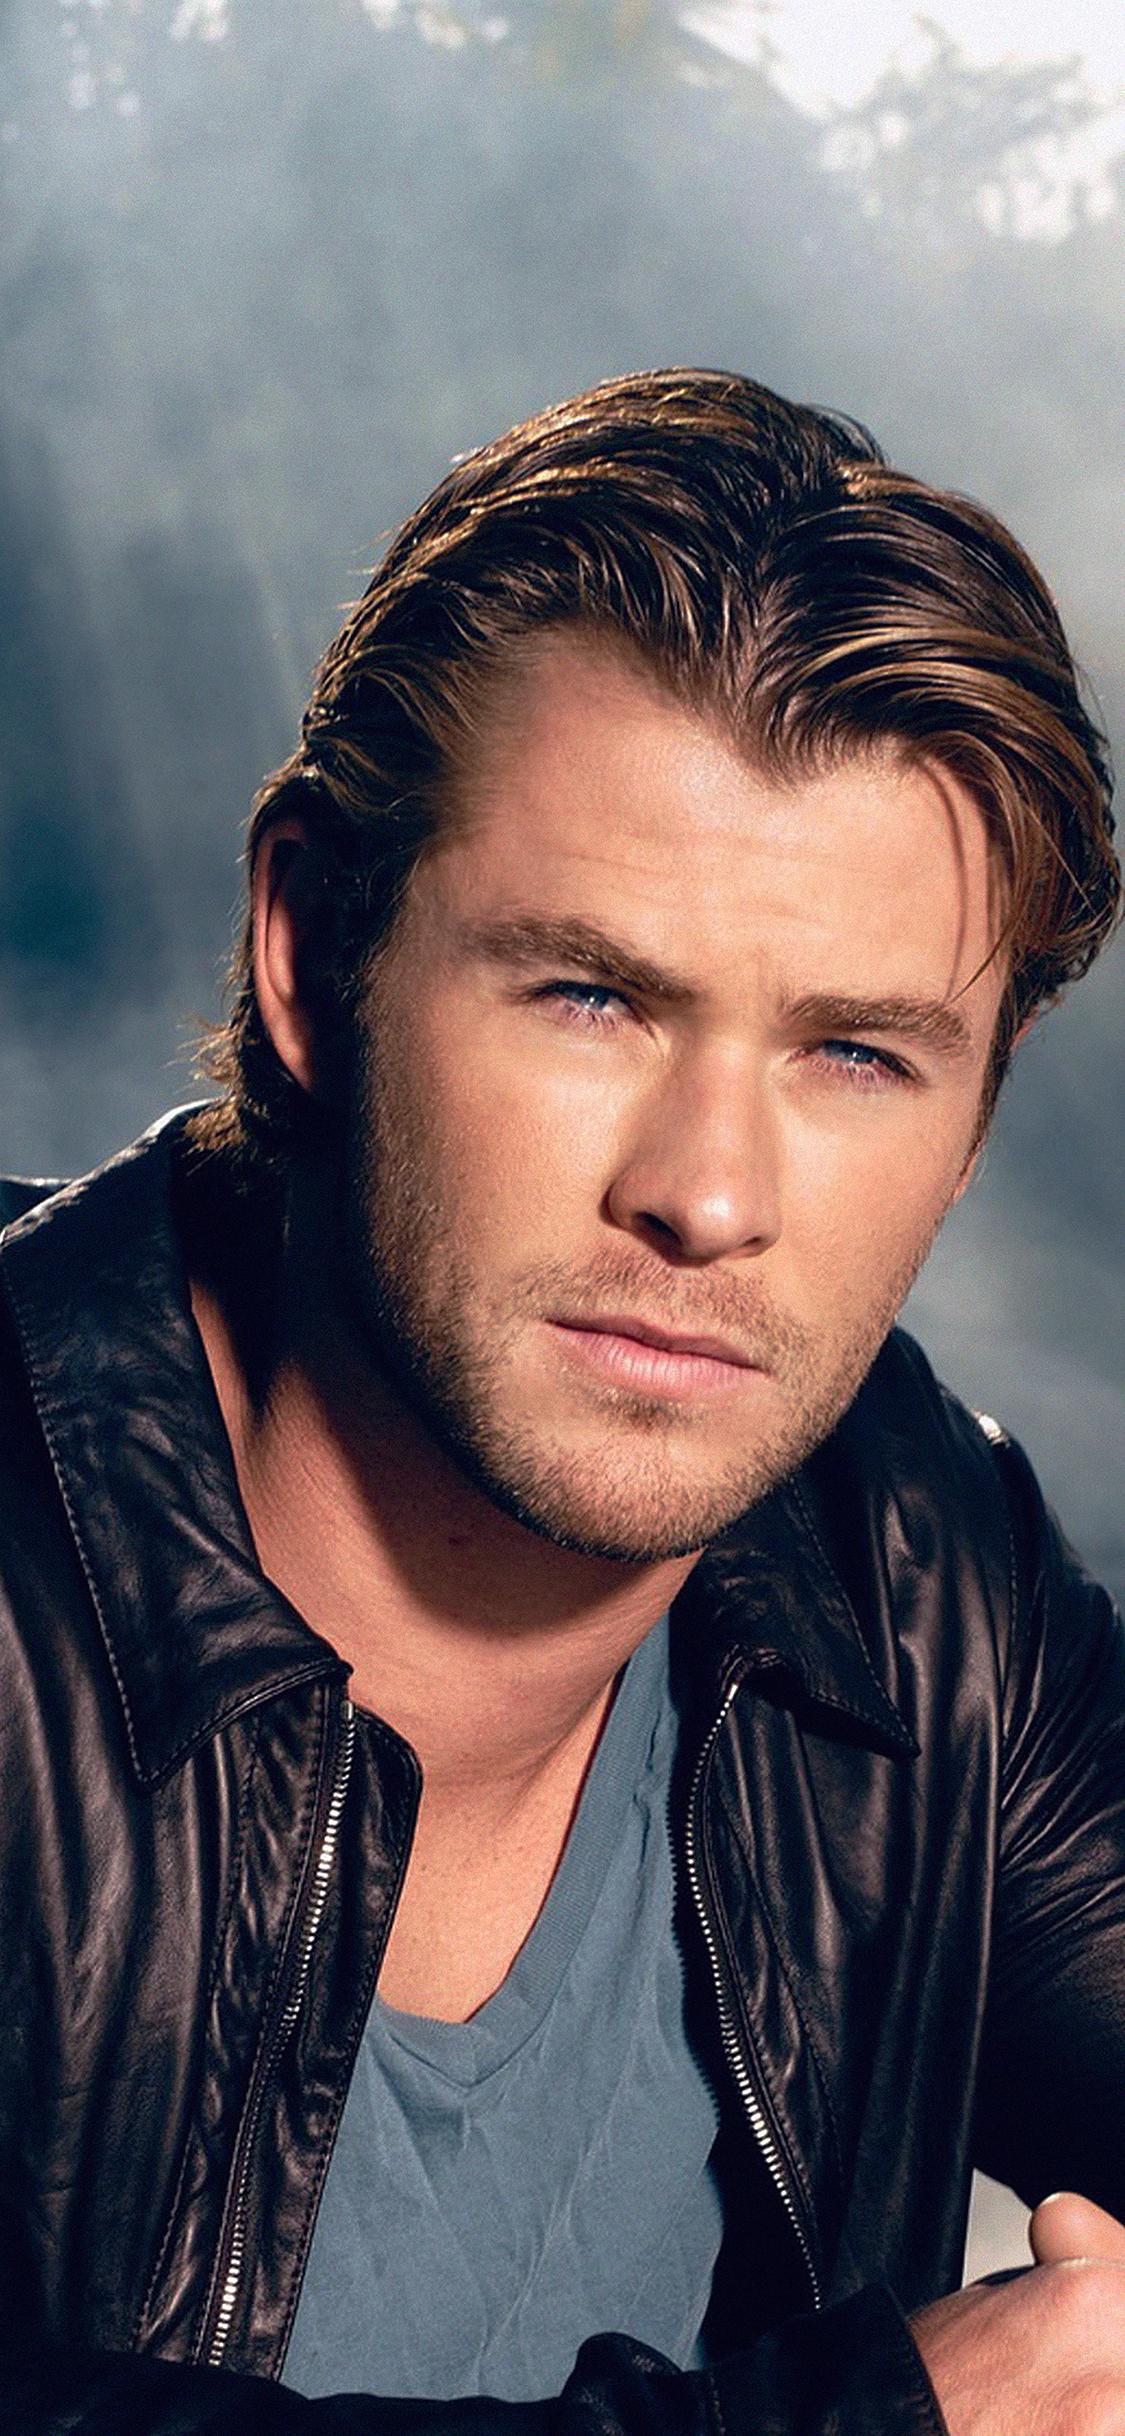 iPhoneXpapers.com-Apple-iPhone-wallpaper-hd24-chris-hemsworth-handsome-boy-actor